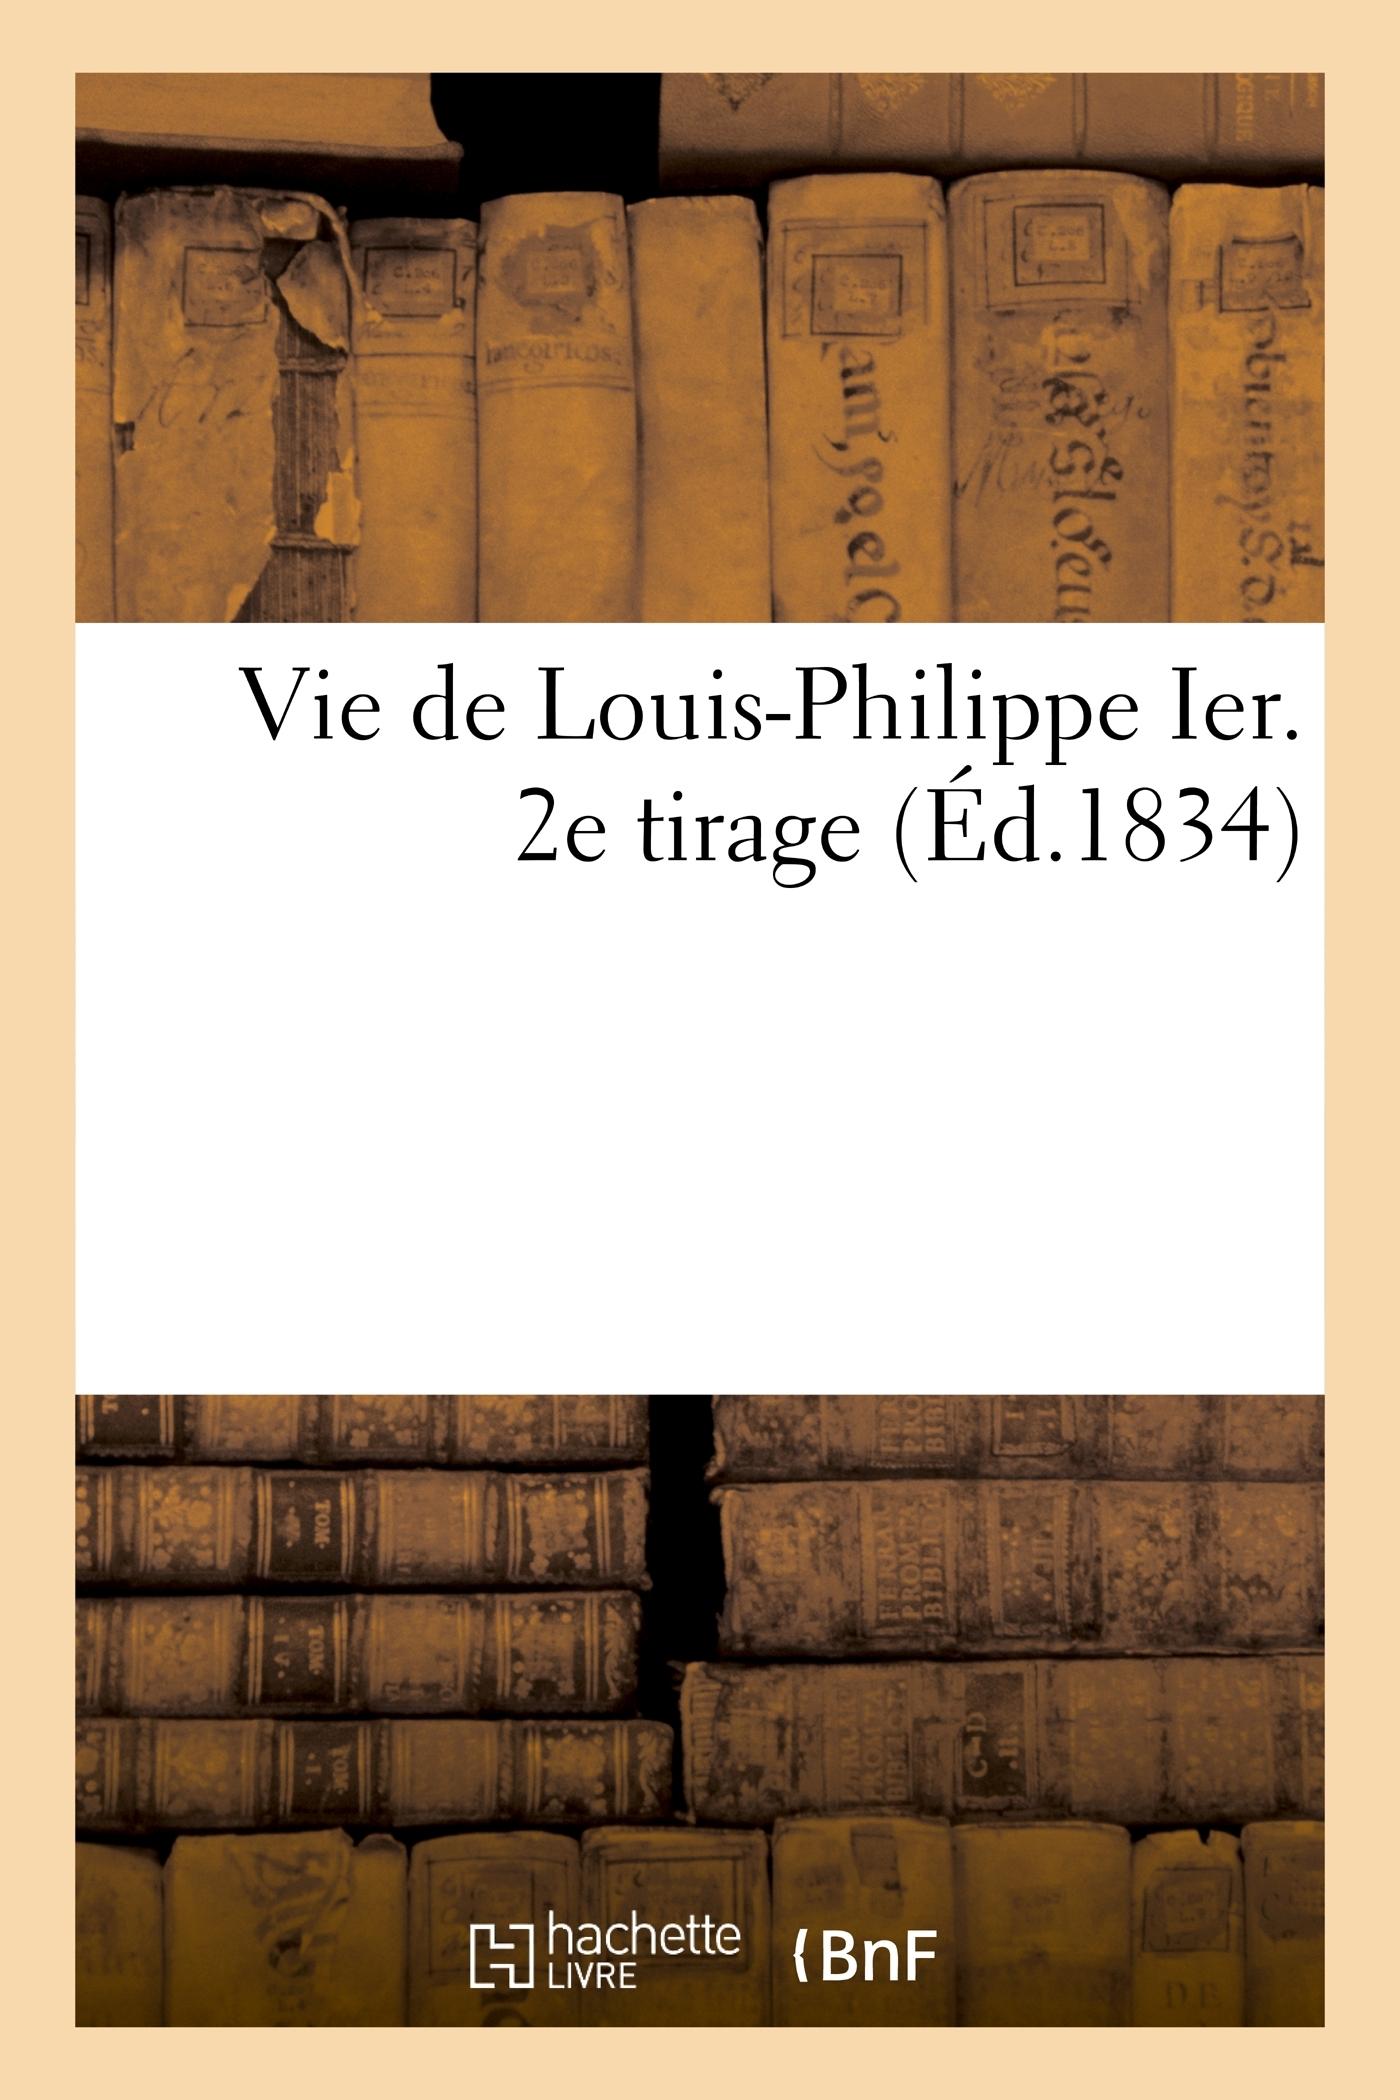 VIE DE LOUIS-PHILIPPE IER. 2E TIRAGE